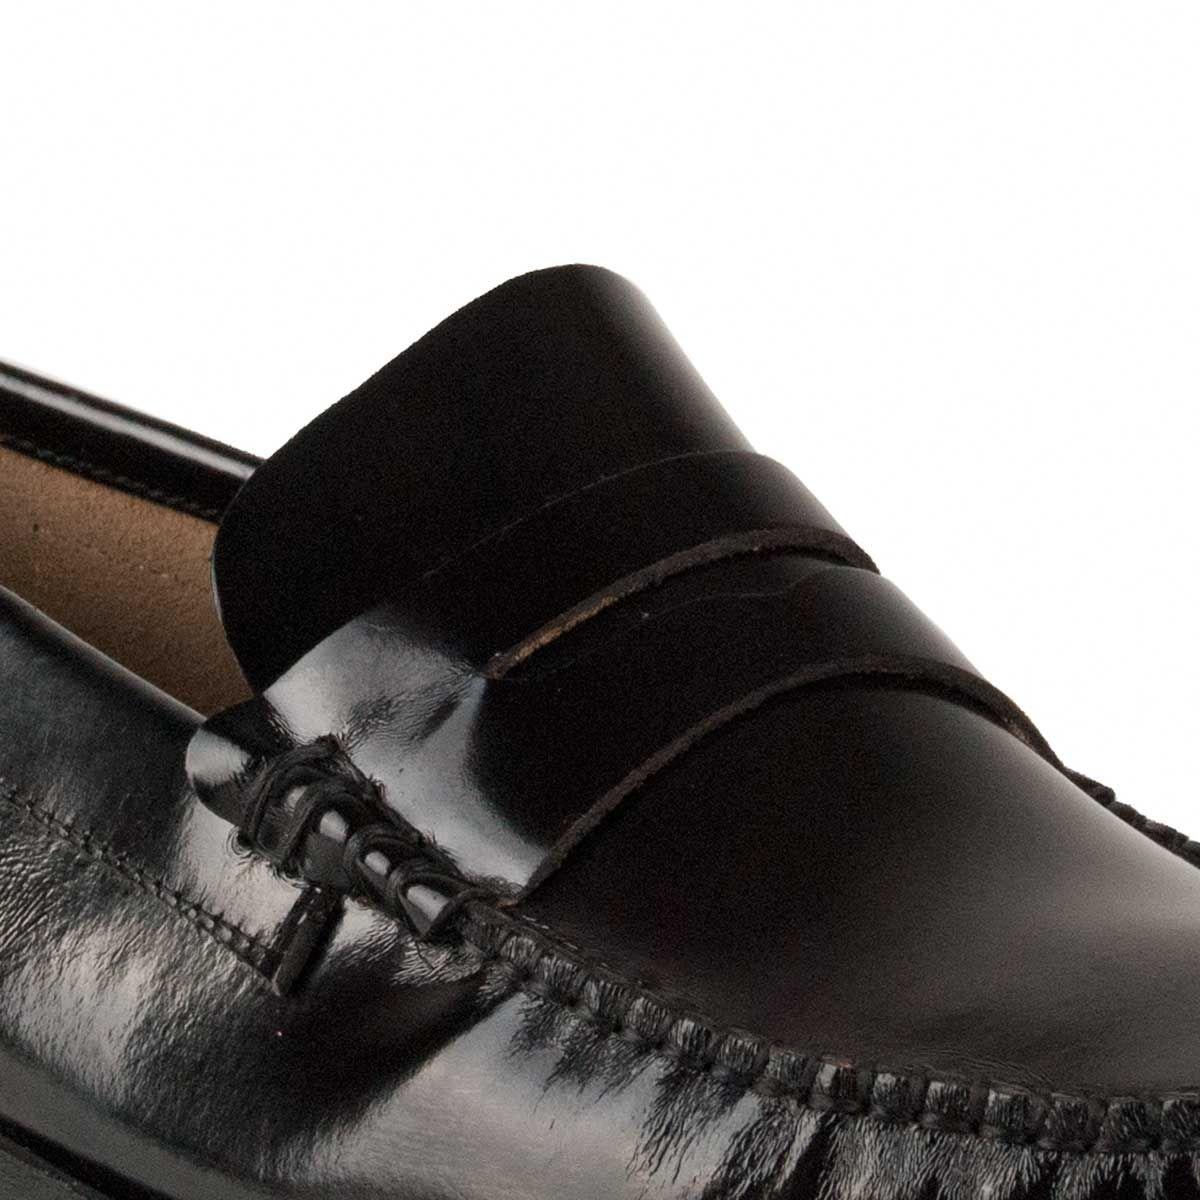 Montevita Moccasin in Black